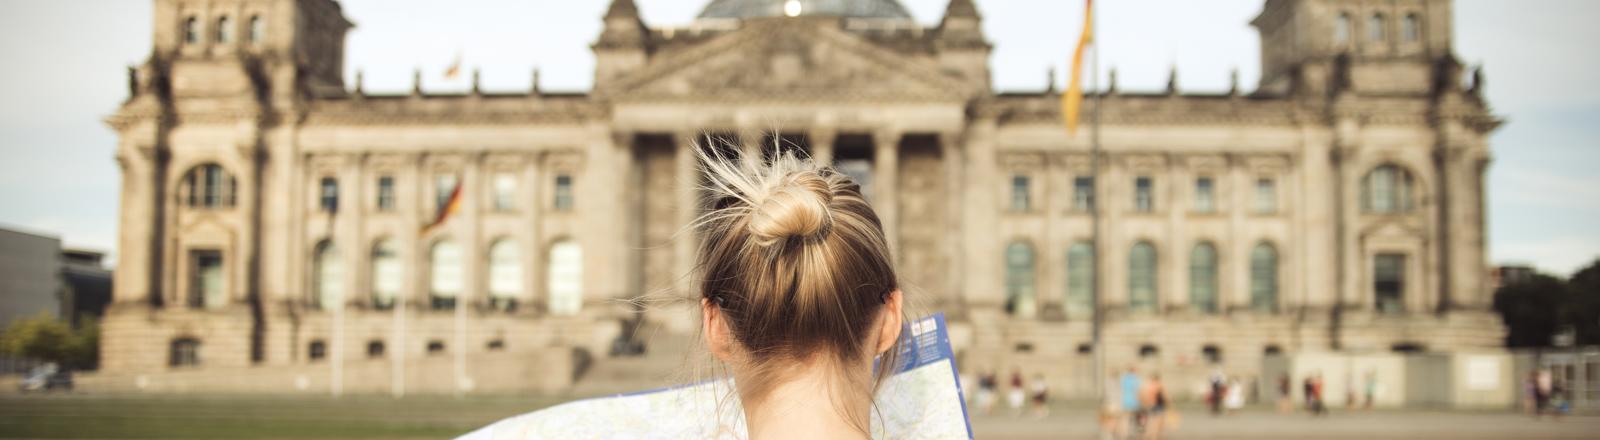 Frau steht vorm Reichstagsgebäudes in Berlin